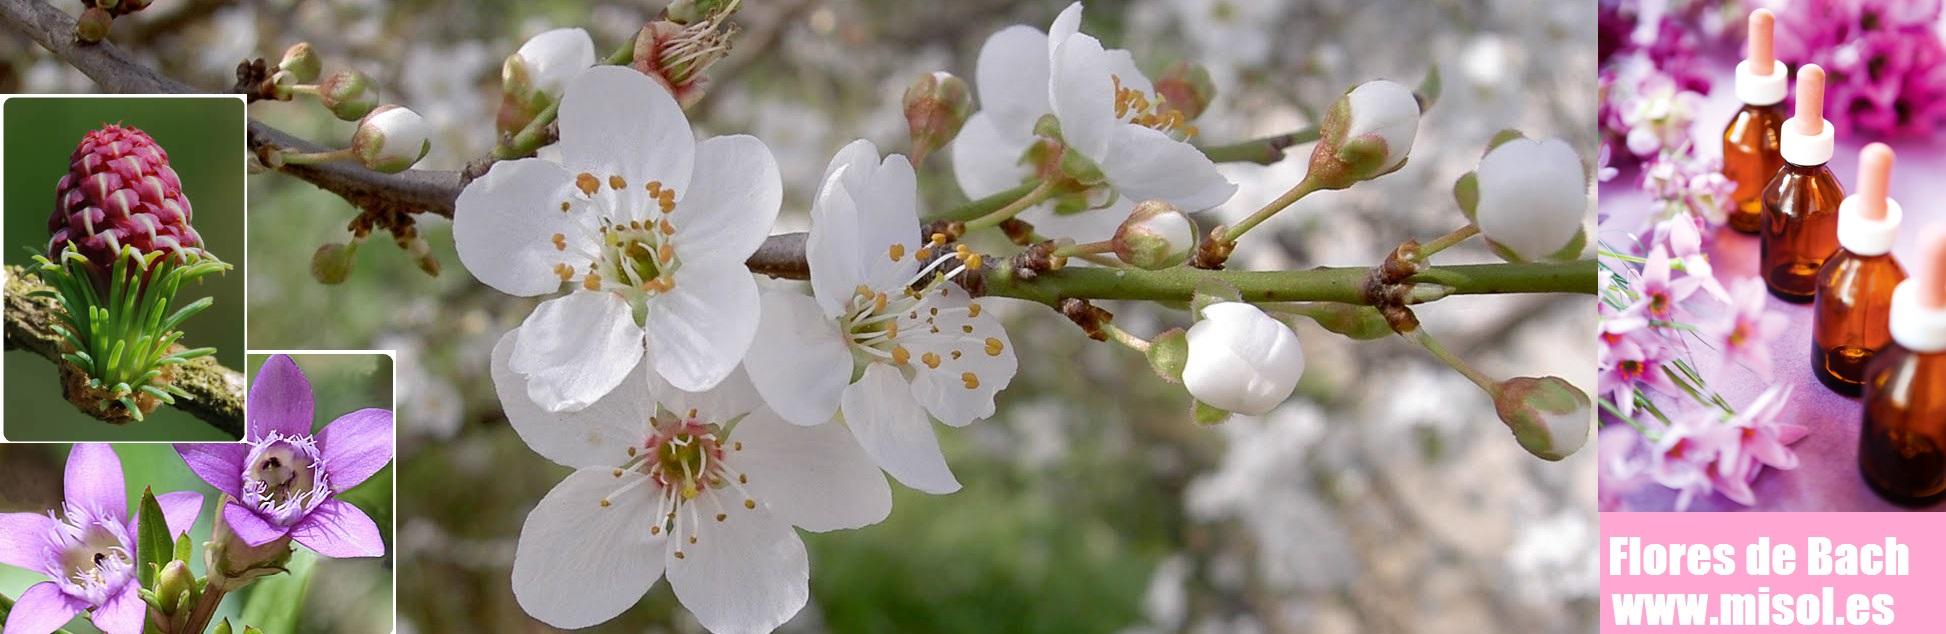 Flores de Bach MiSol